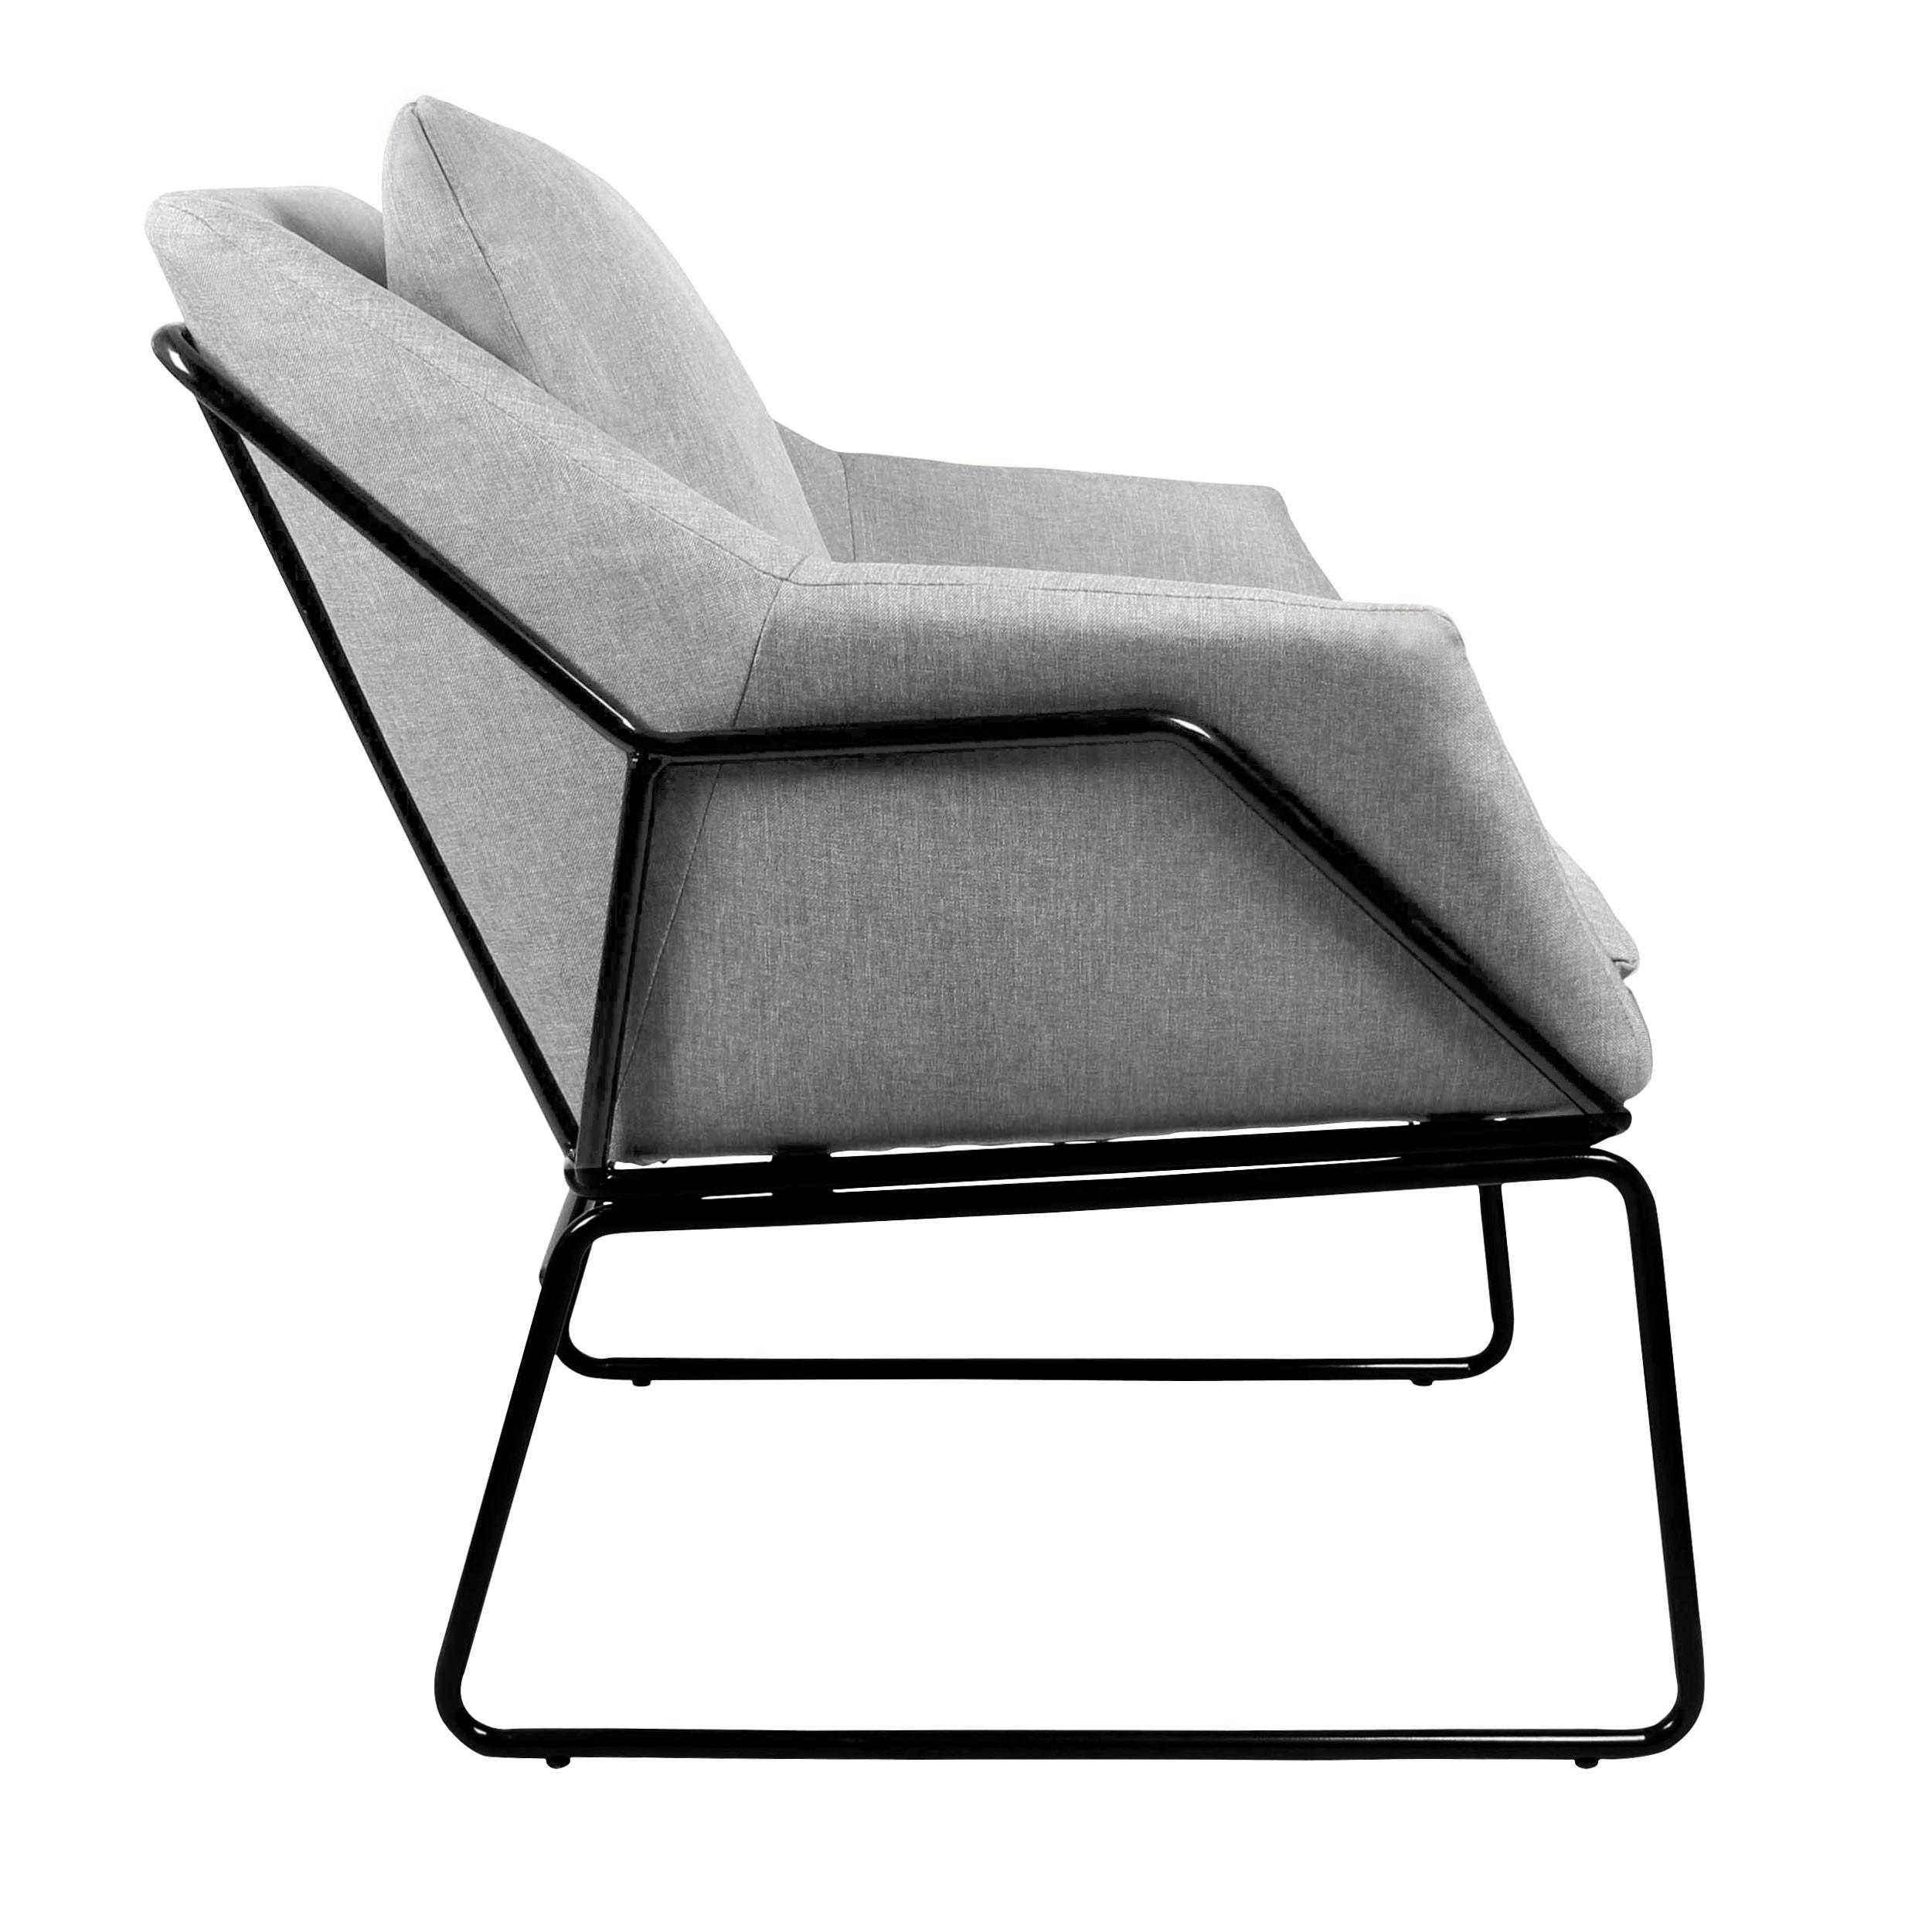 fauteuil pitea gris clair d couvrez les fauteuils pitea. Black Bedroom Furniture Sets. Home Design Ideas